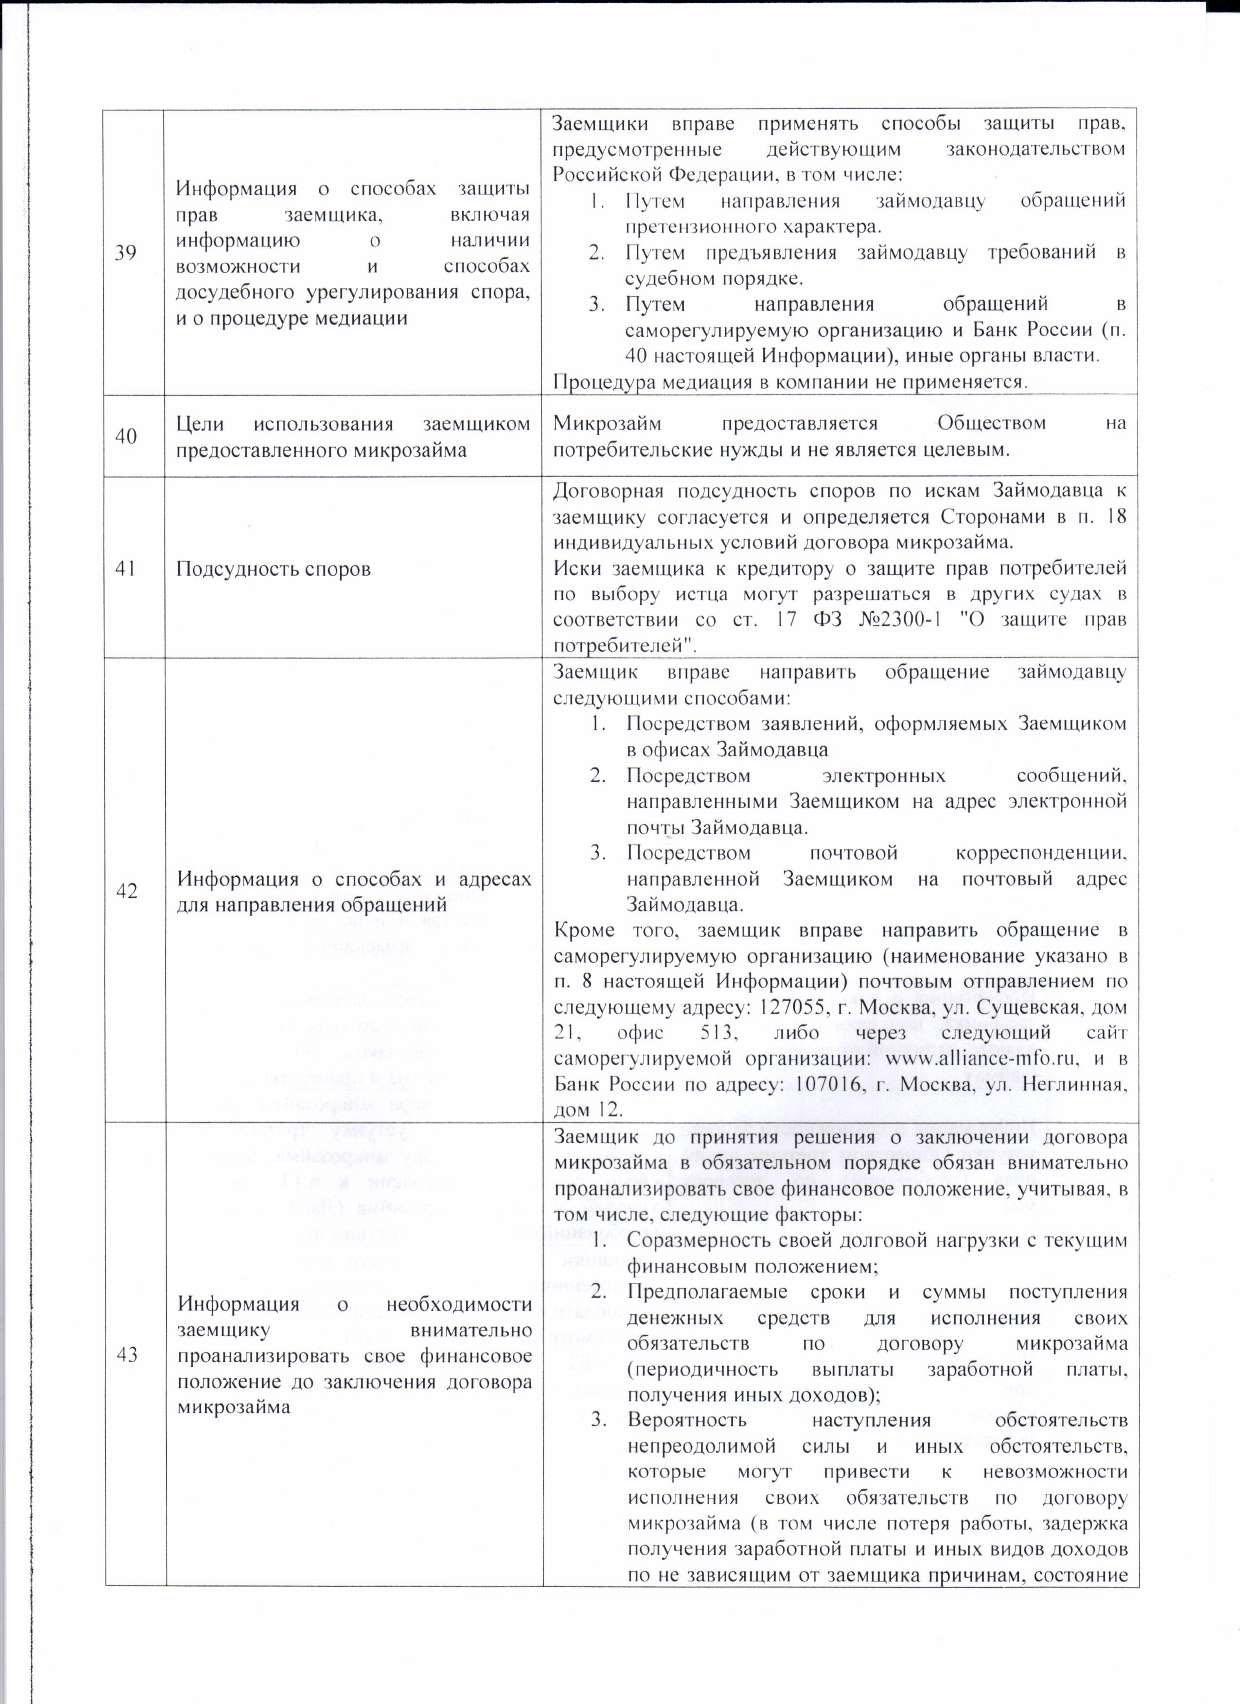 Информация об условиях предоставления, использования и возврата микрозаймов стр8